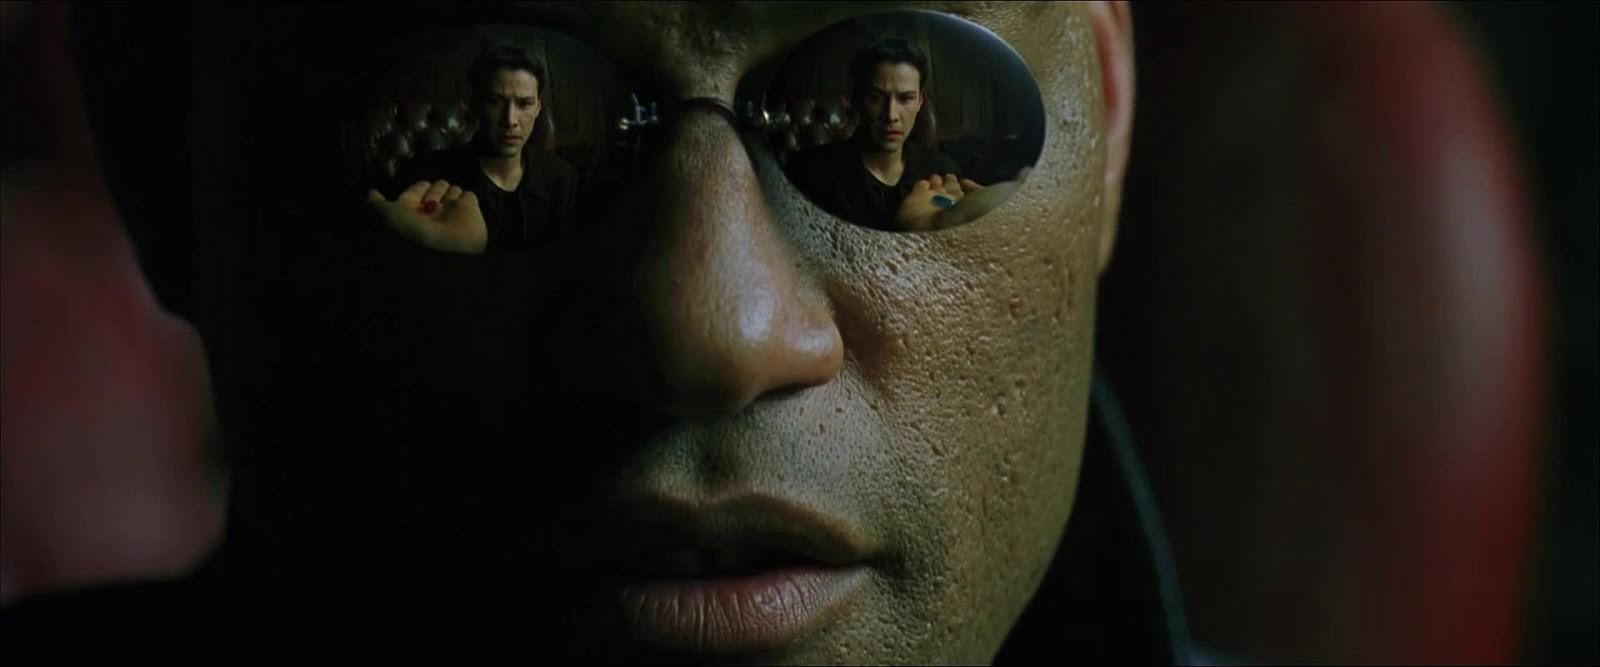 Киберпанк и зеркальные очки: отражения в моде и культуре - 1